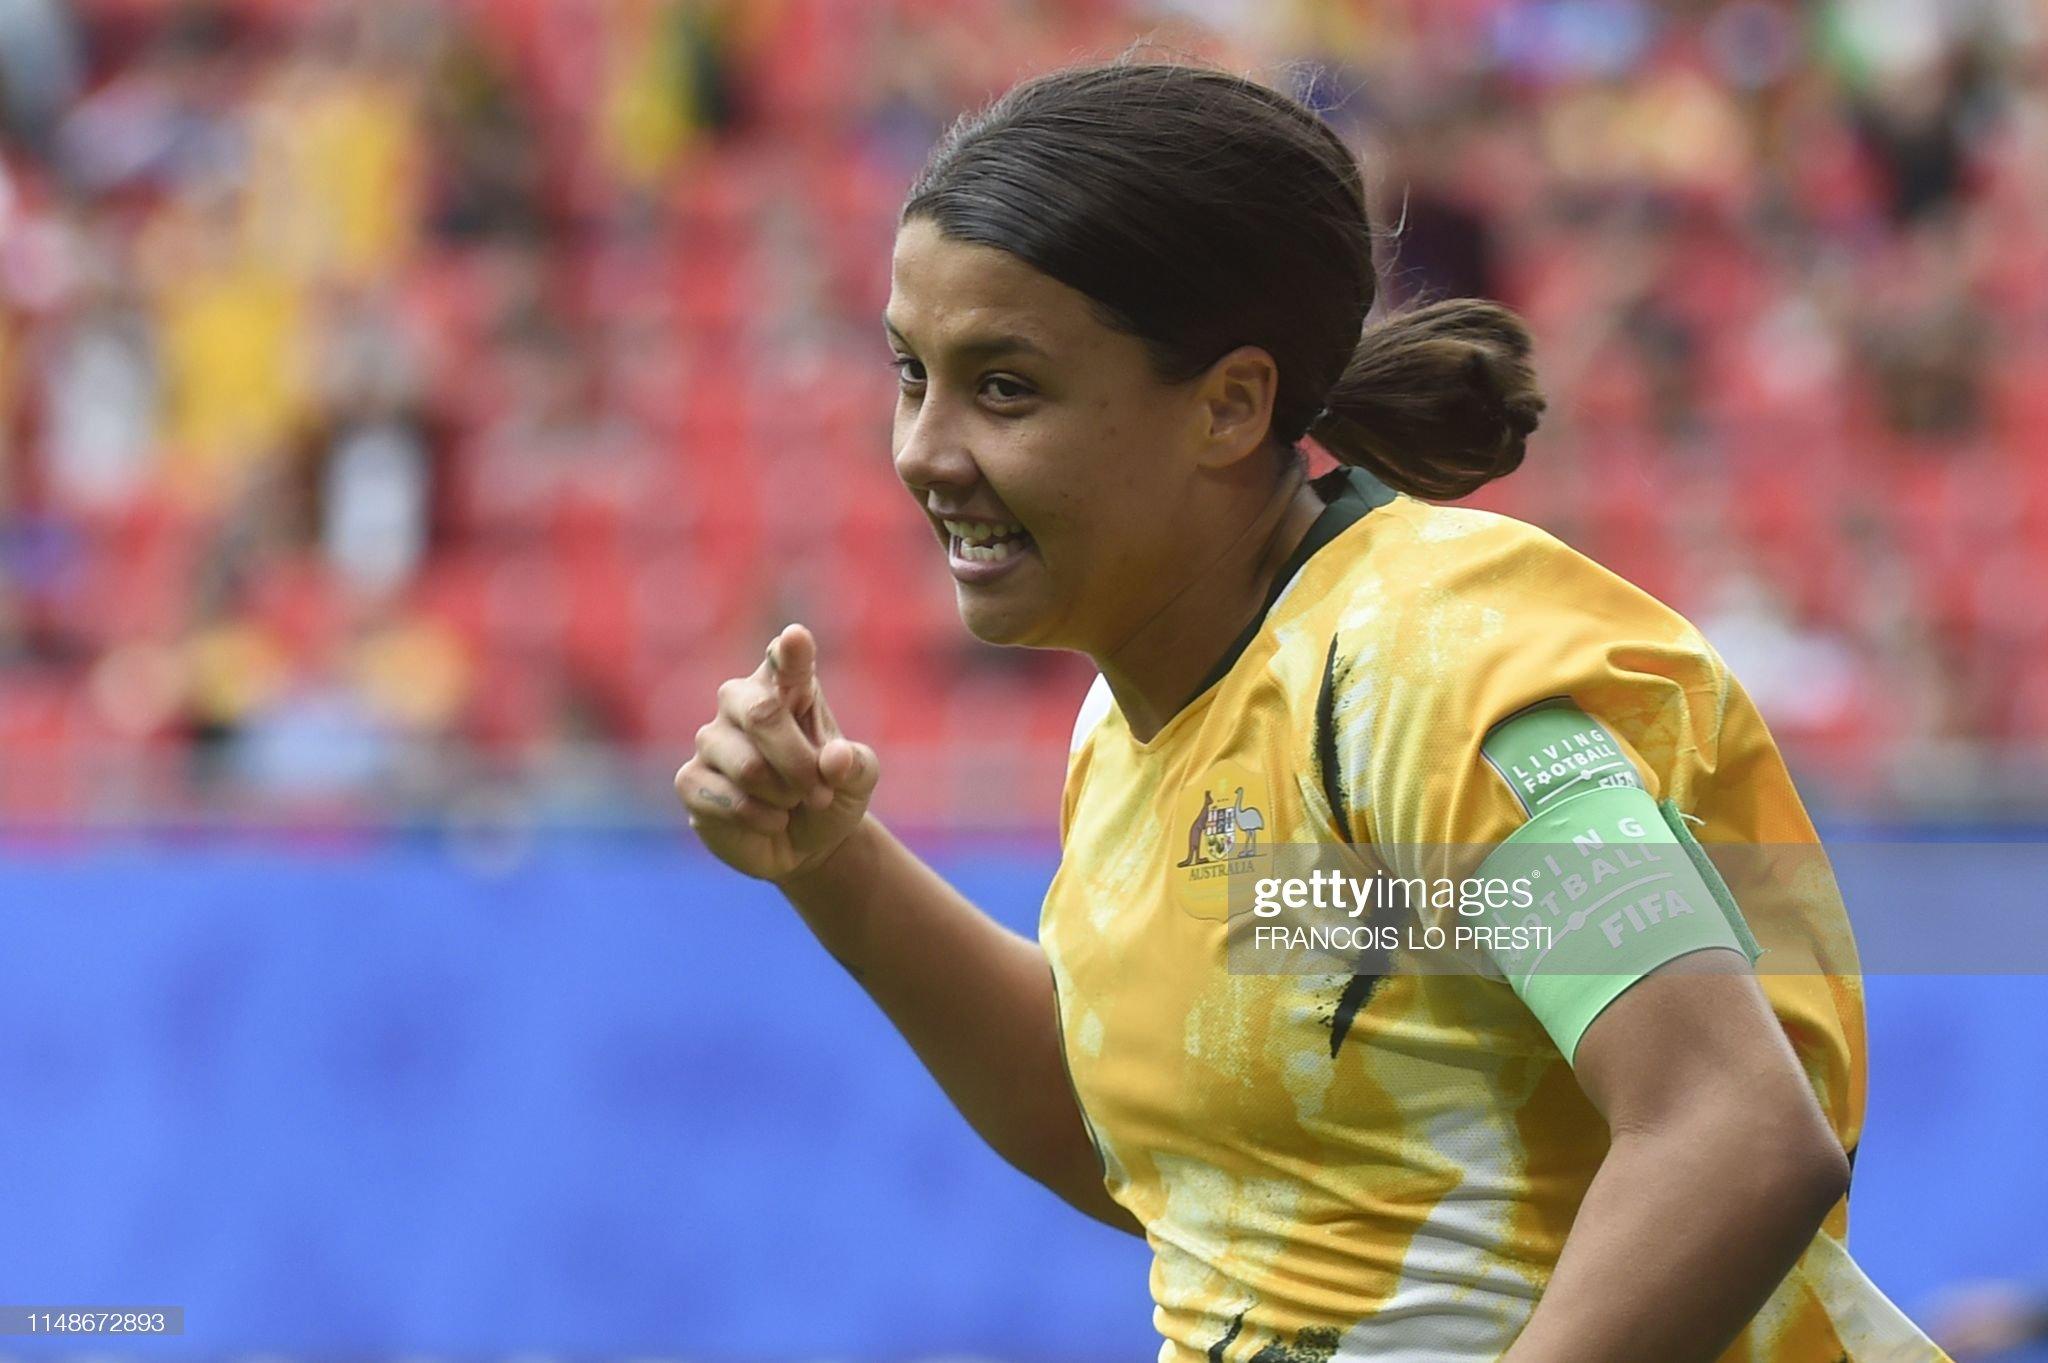 FBL-WC-2019-WOMEN-MATCH5-AUS-ITA : News Photo